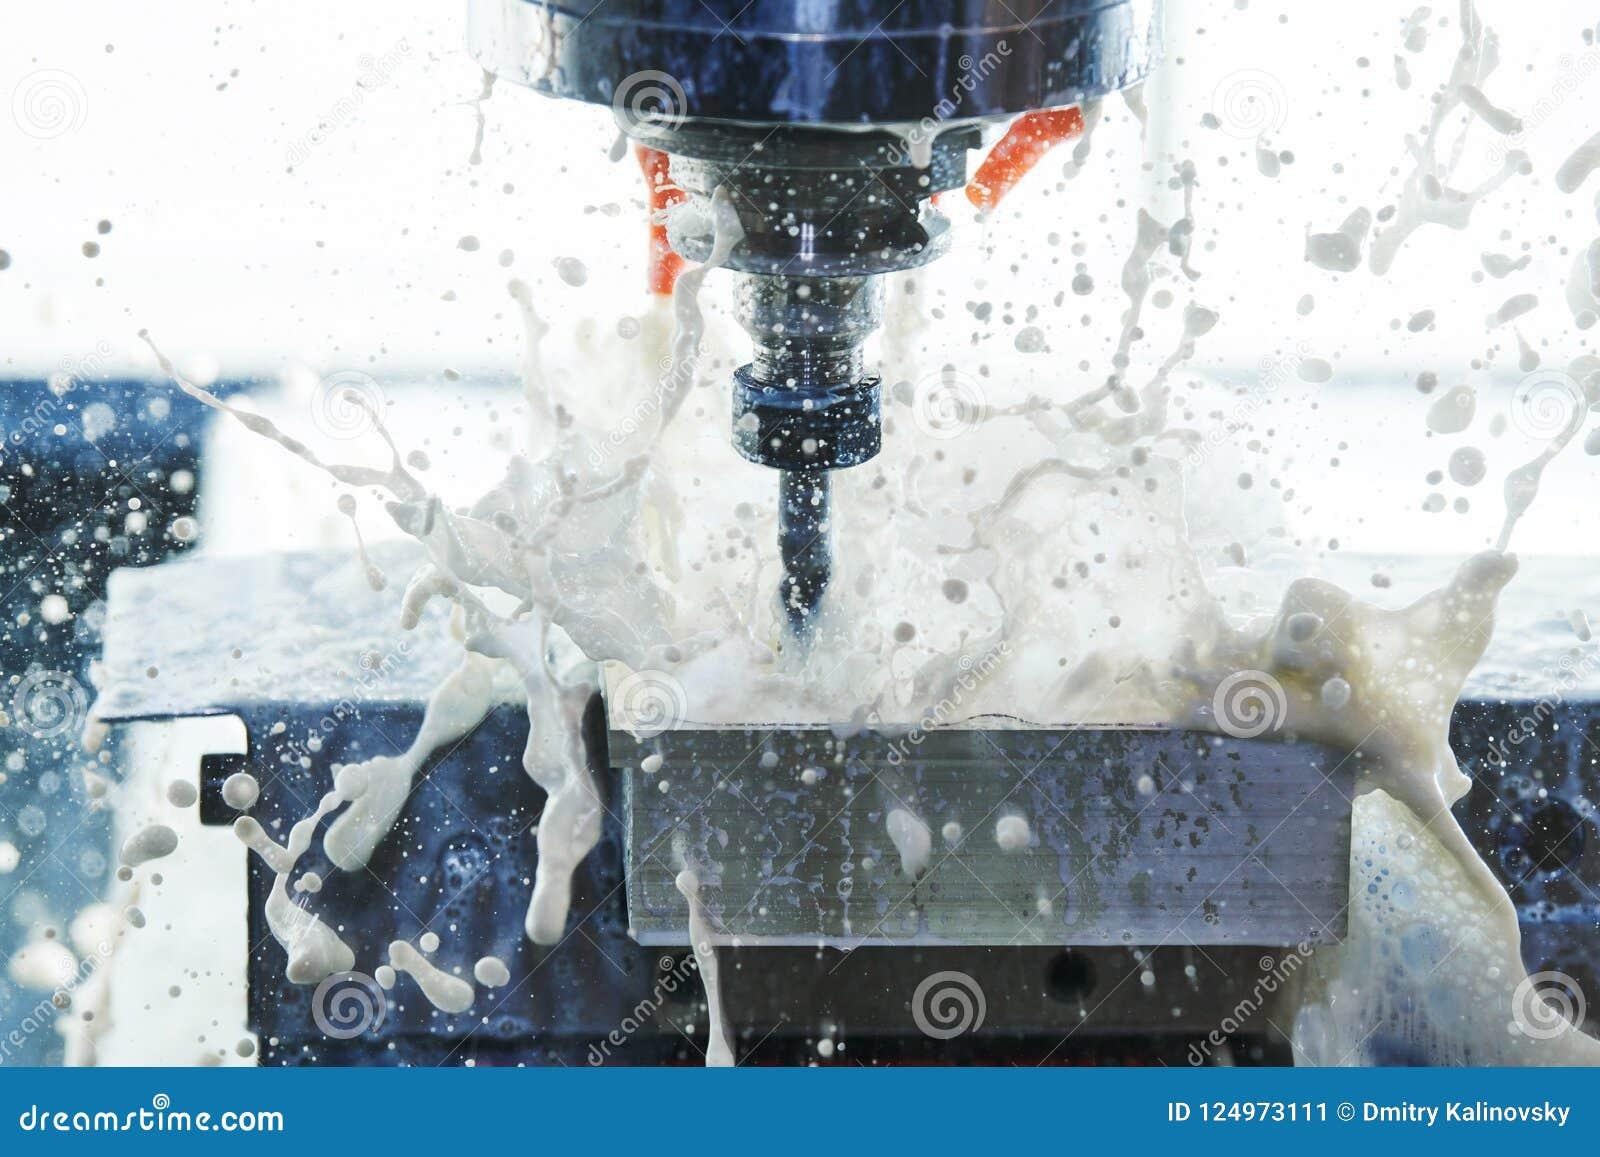 Processus métallurgique de fraisage Métal industriel de commande numérique par ordinateur usinant par le moulin vertical Liquide